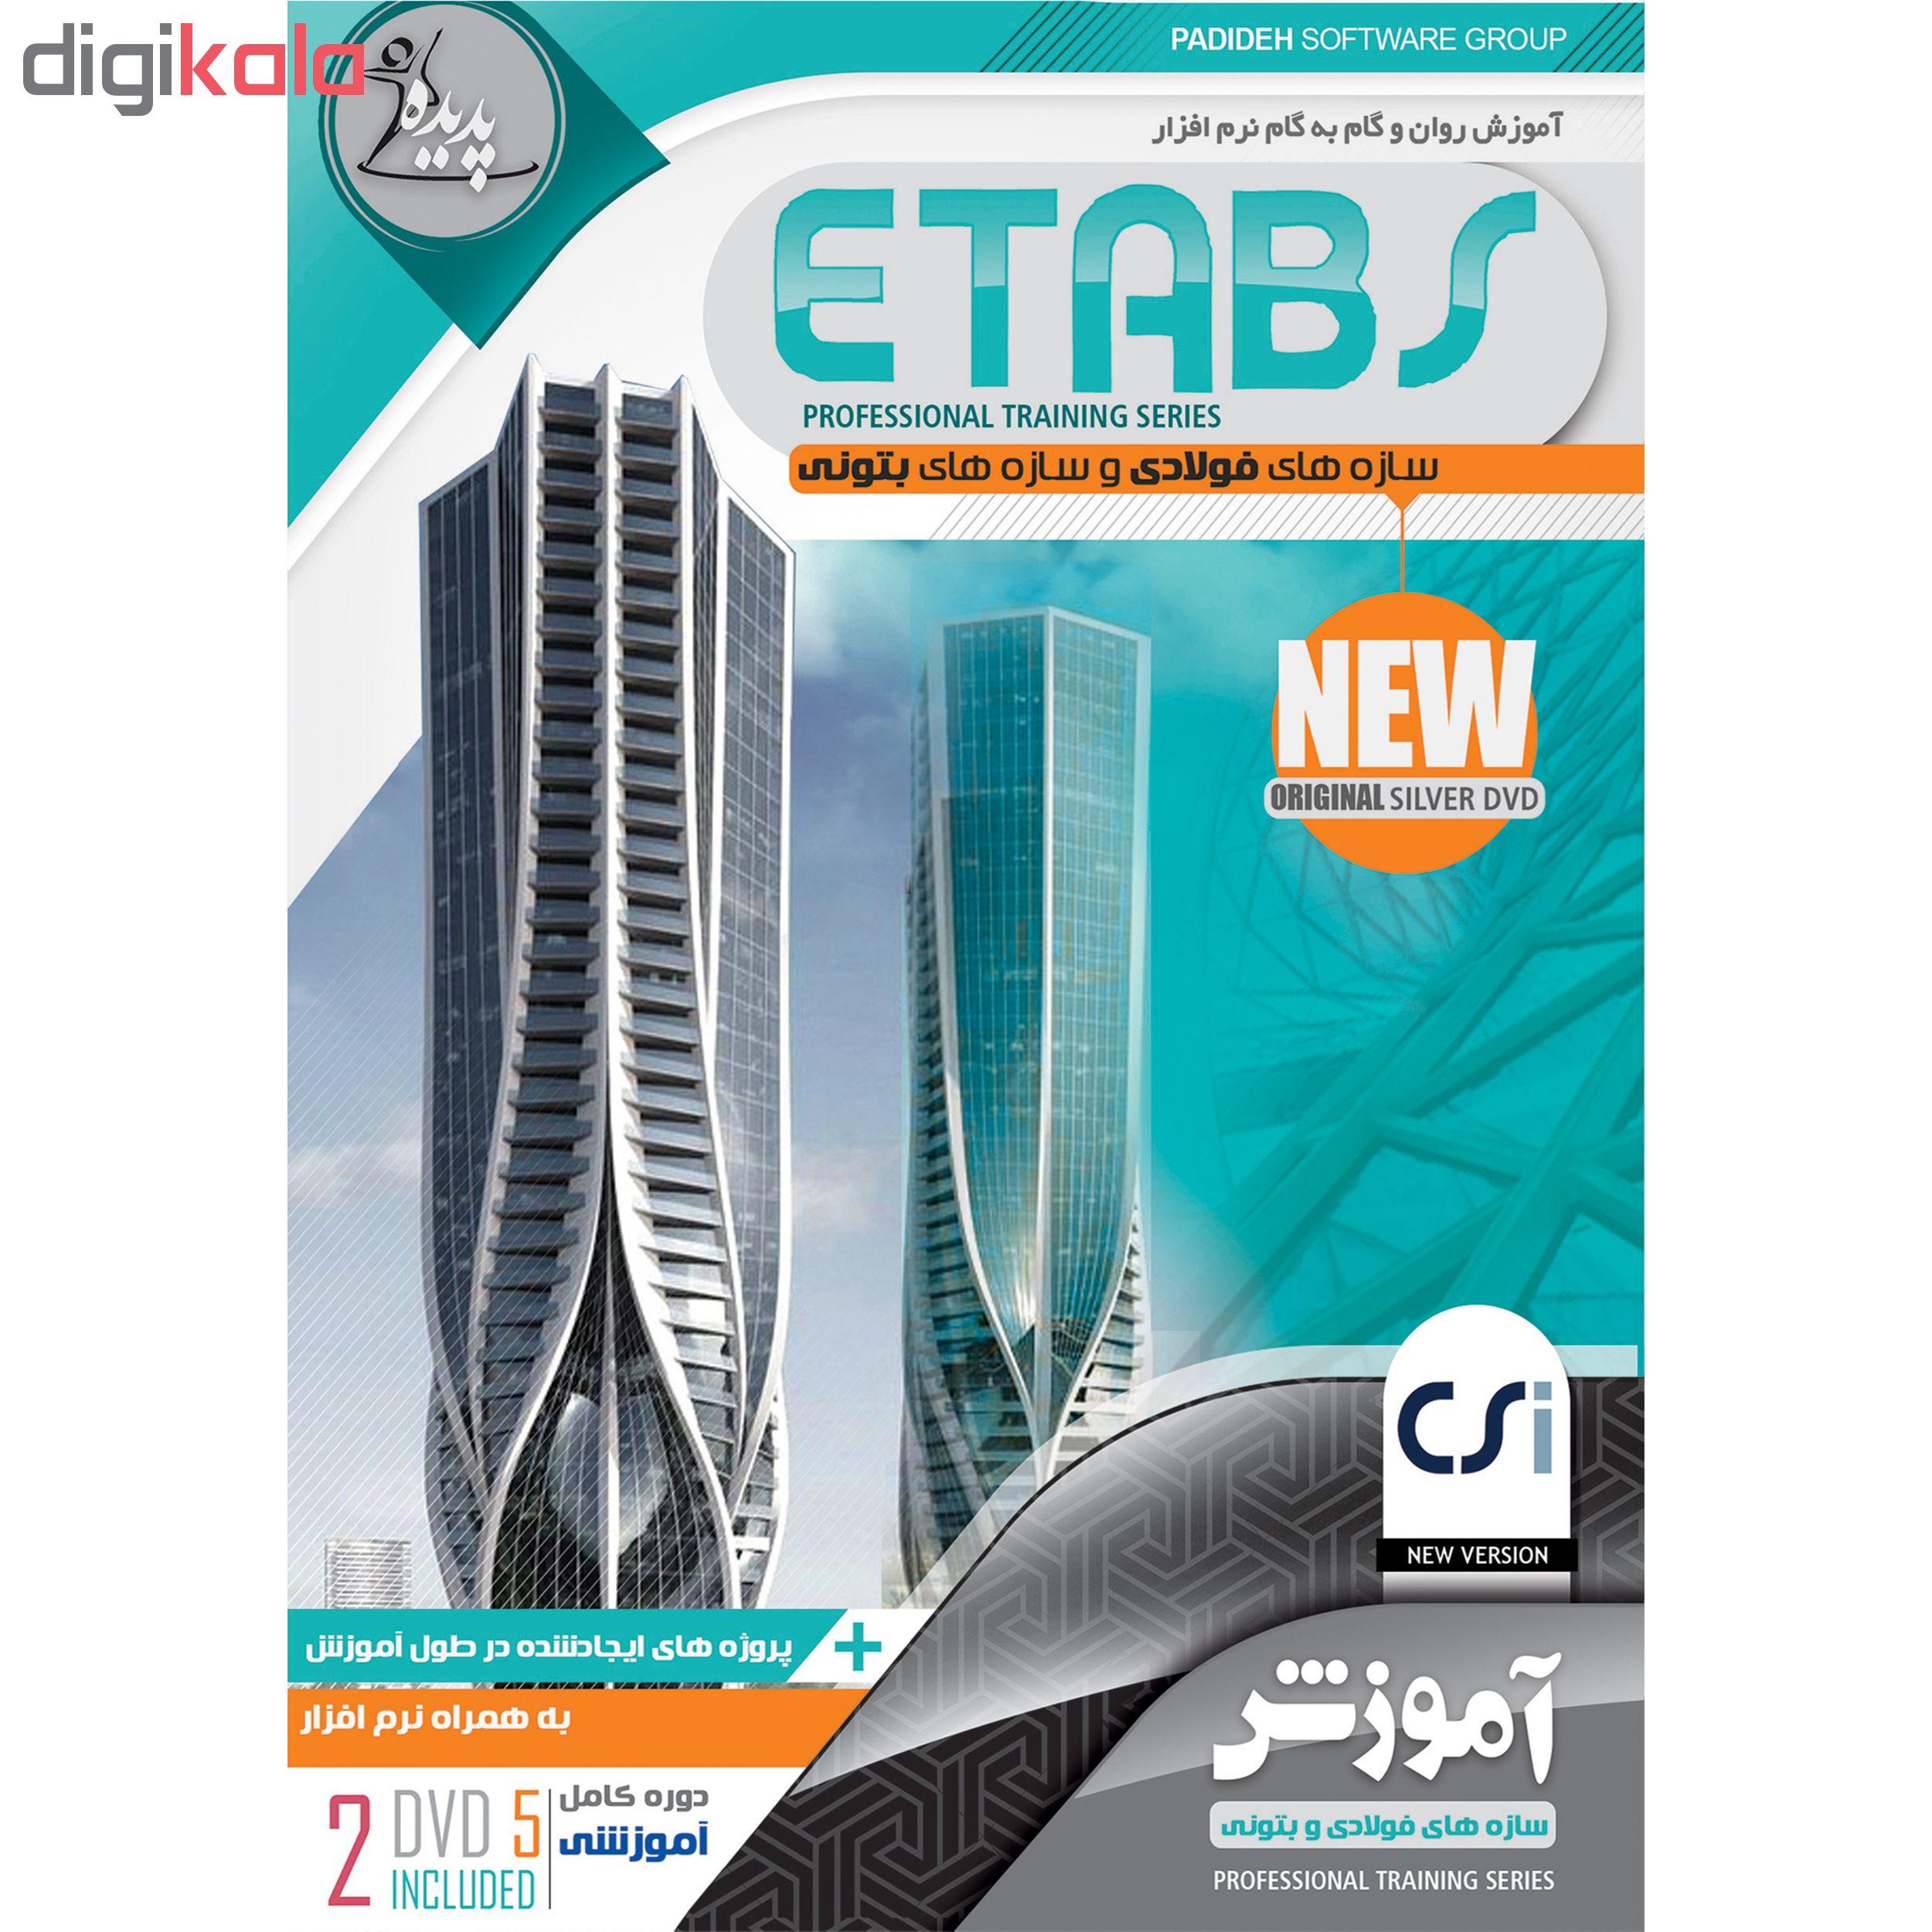 نرم افزار آموزش متره و برآورد نشر پدیده به همراه نرم افزار آموزش ETABS نشر پدیده